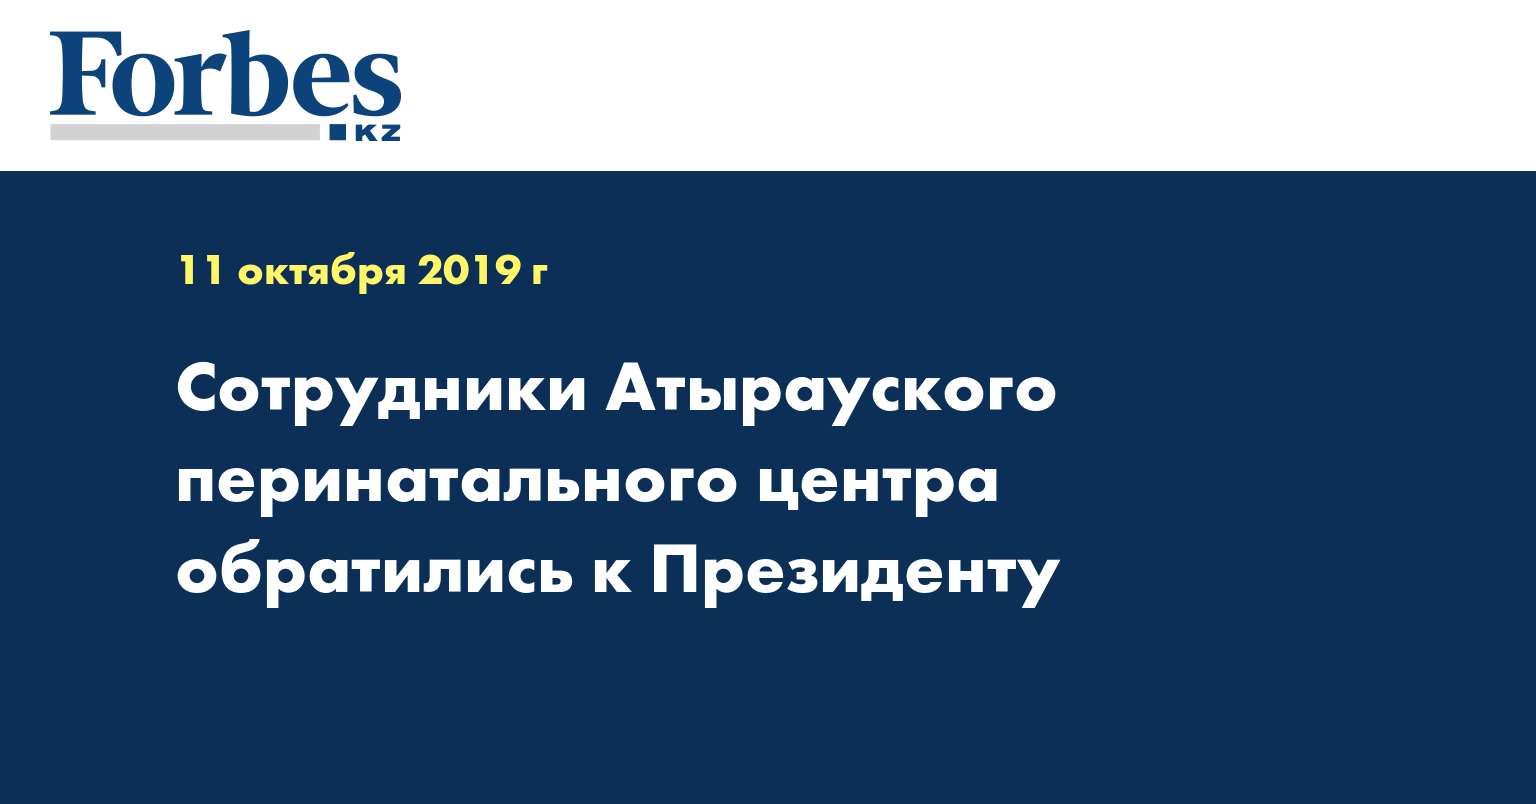 Сотрудники Атырауского перинатального центра обратились к Президенту